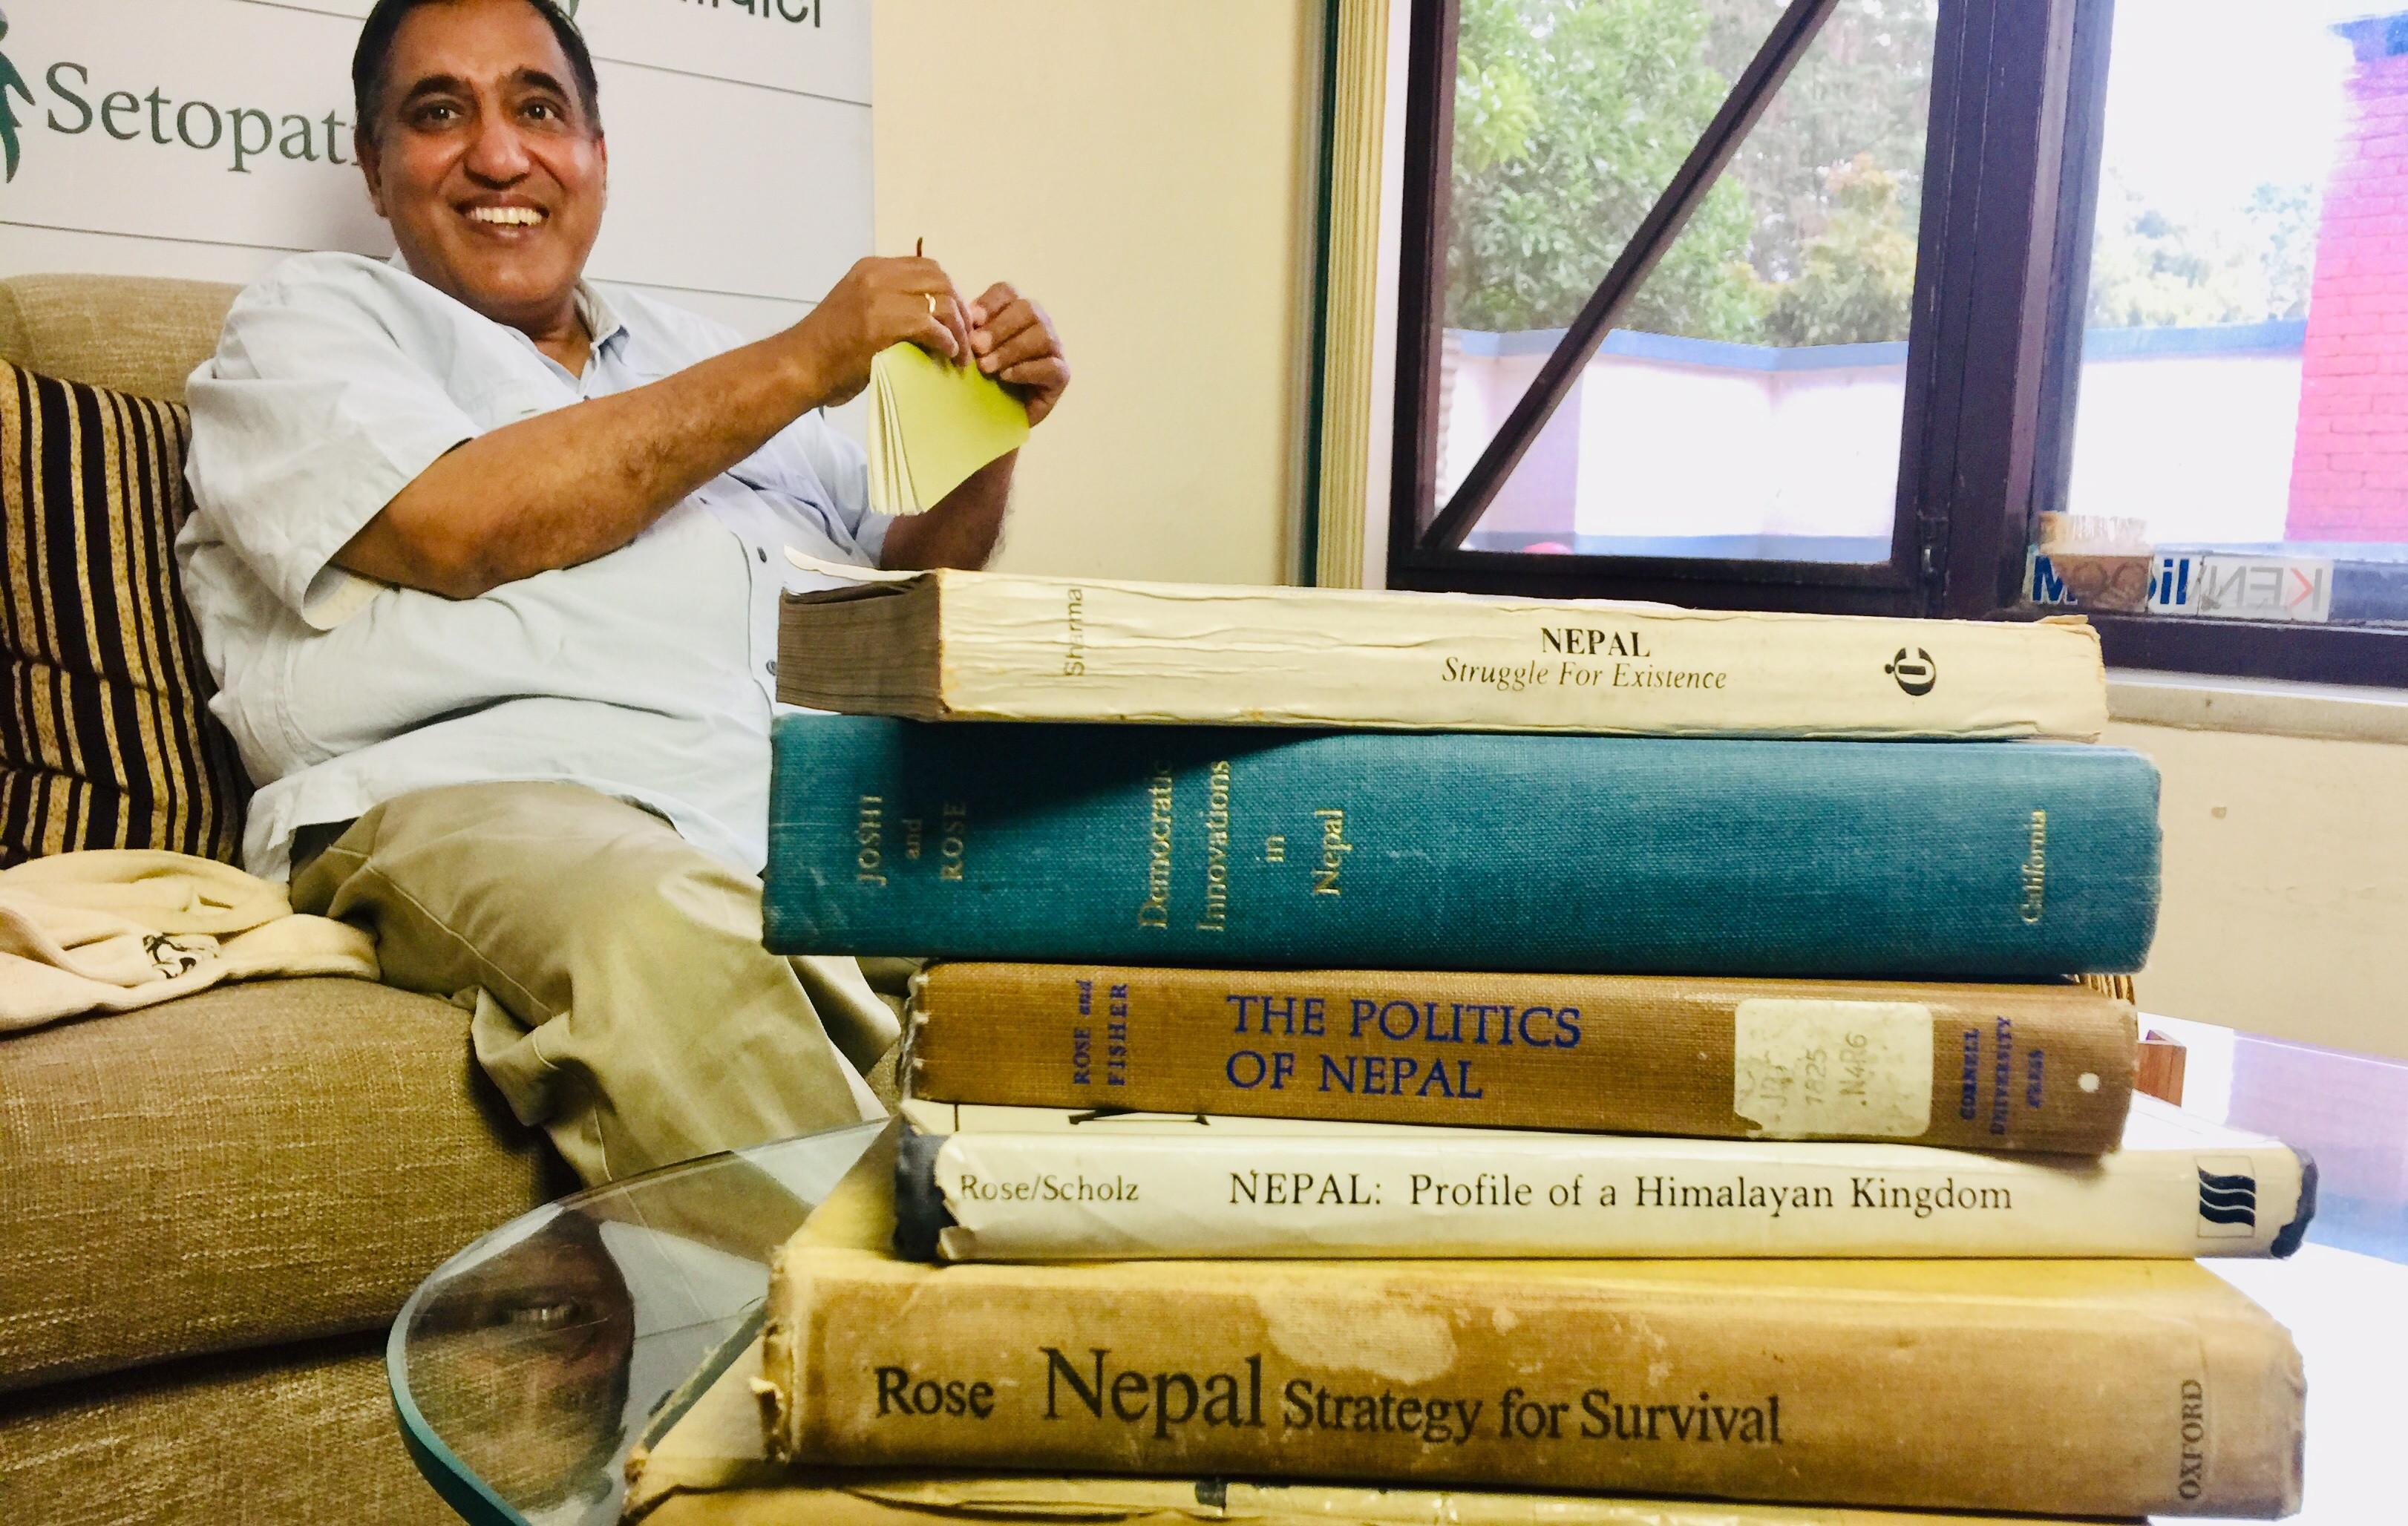 पञ्चायतमा प्रतिबन्धित किताबहरूसँग हरि शर्मा।  तस्बिरः सेतोपाटी